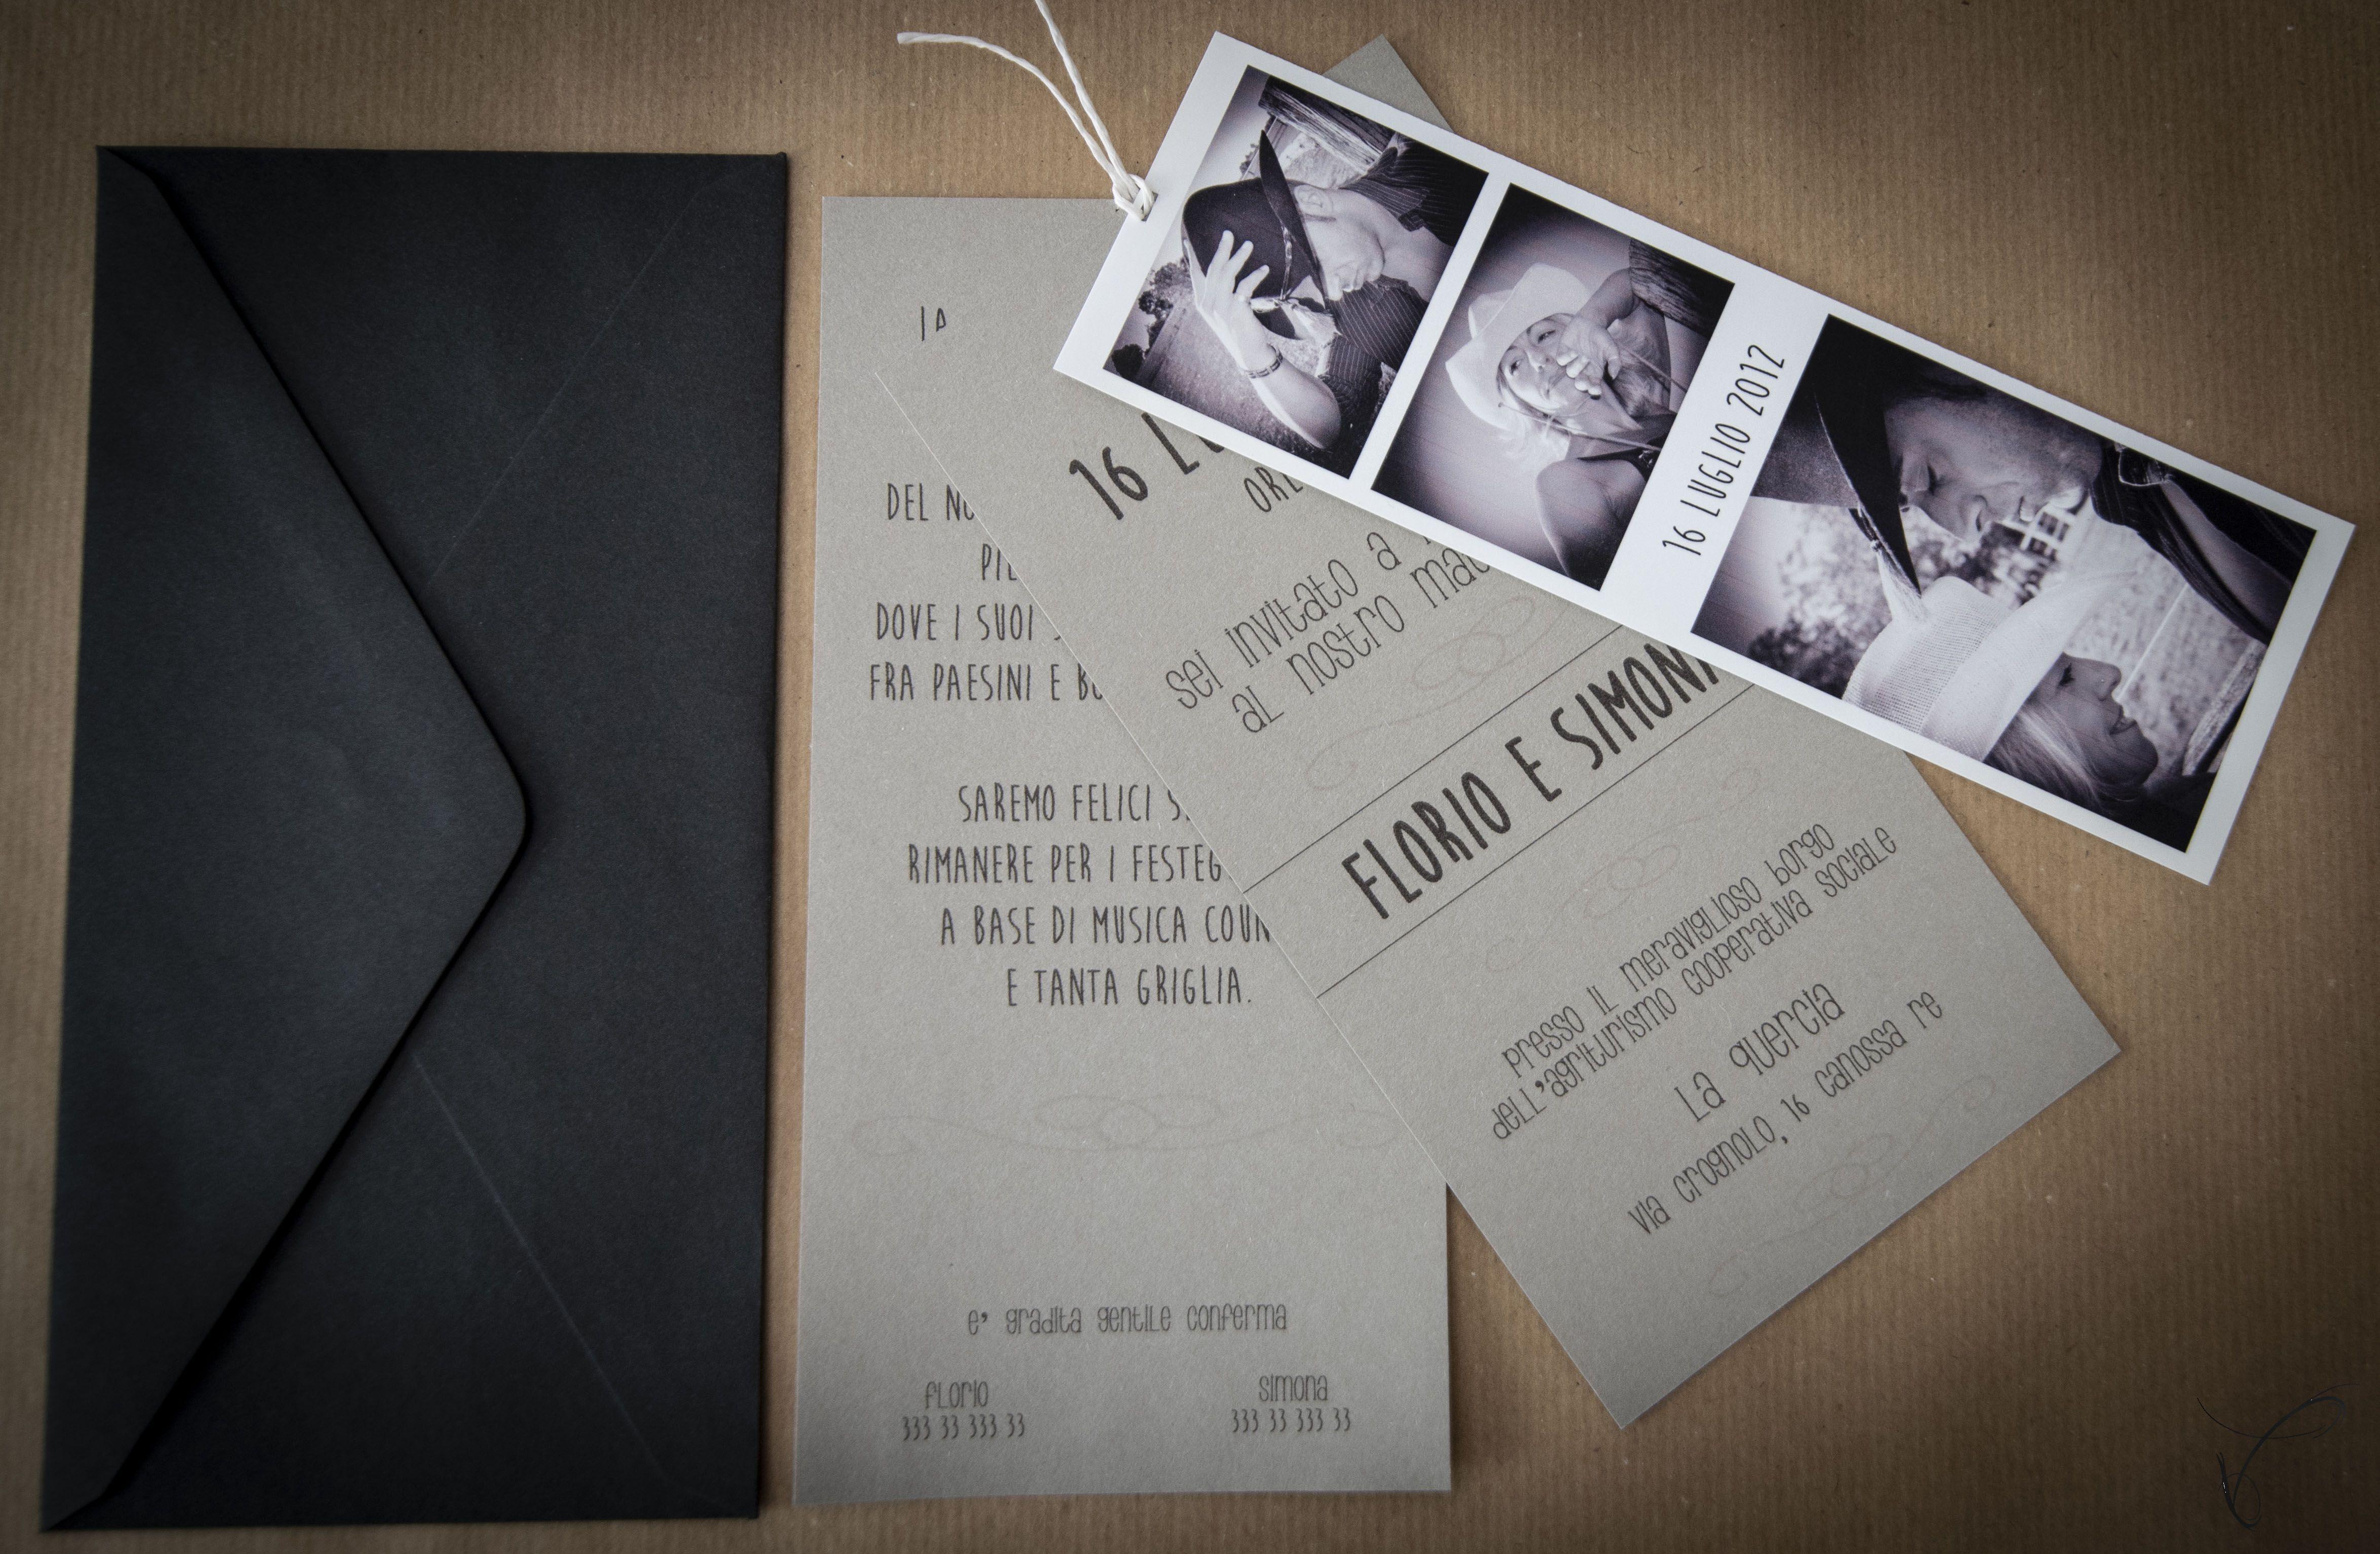 Partecipazioni Matrimonio Fotografiche.Partecipazioni Fotografiche Con Servizi Fotografici Personalizzati